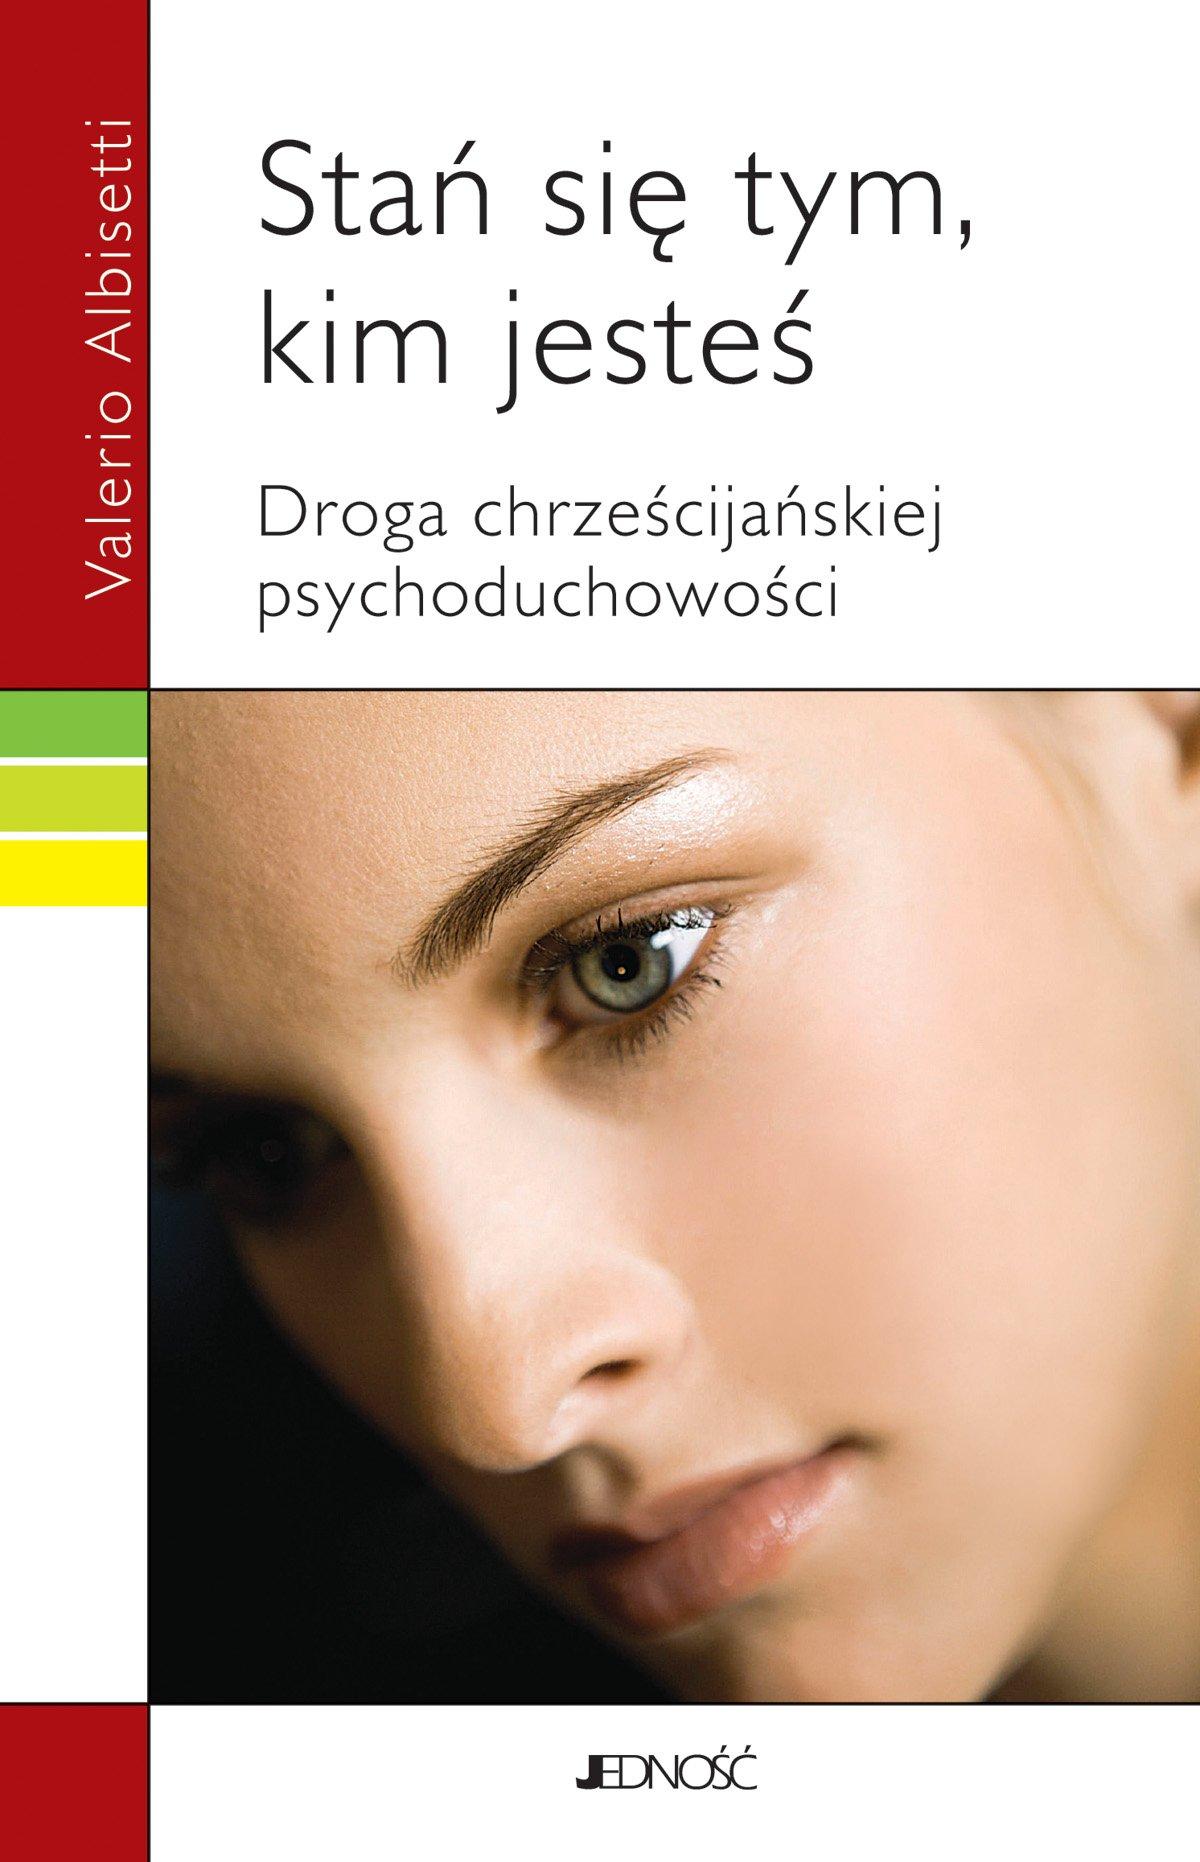 Stań się tym, kim jesteś.  Droga chrześcijańskiej psychoduchowości - Ebook (Książka na Kindle) do pobrania w formacie MOBI